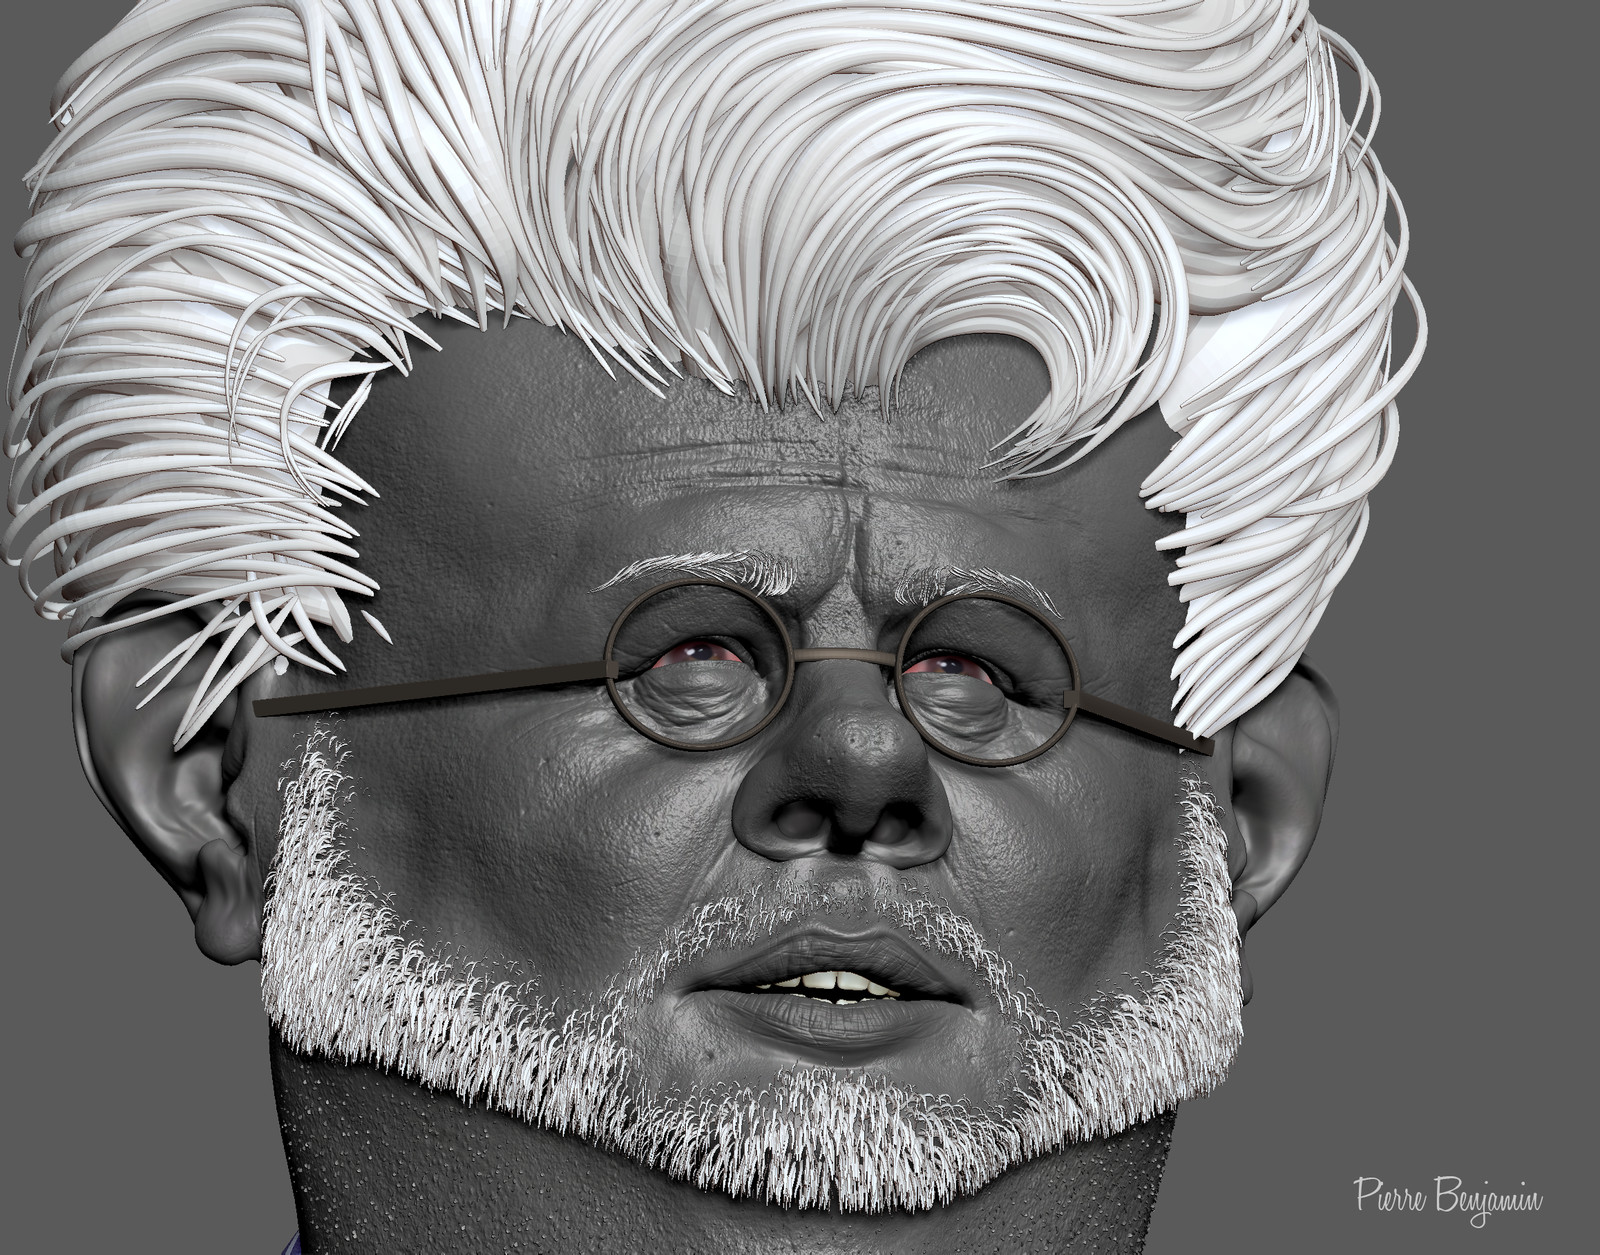 Georges lucas 3D sculpt based upon a 2d caricature by Jason seiler